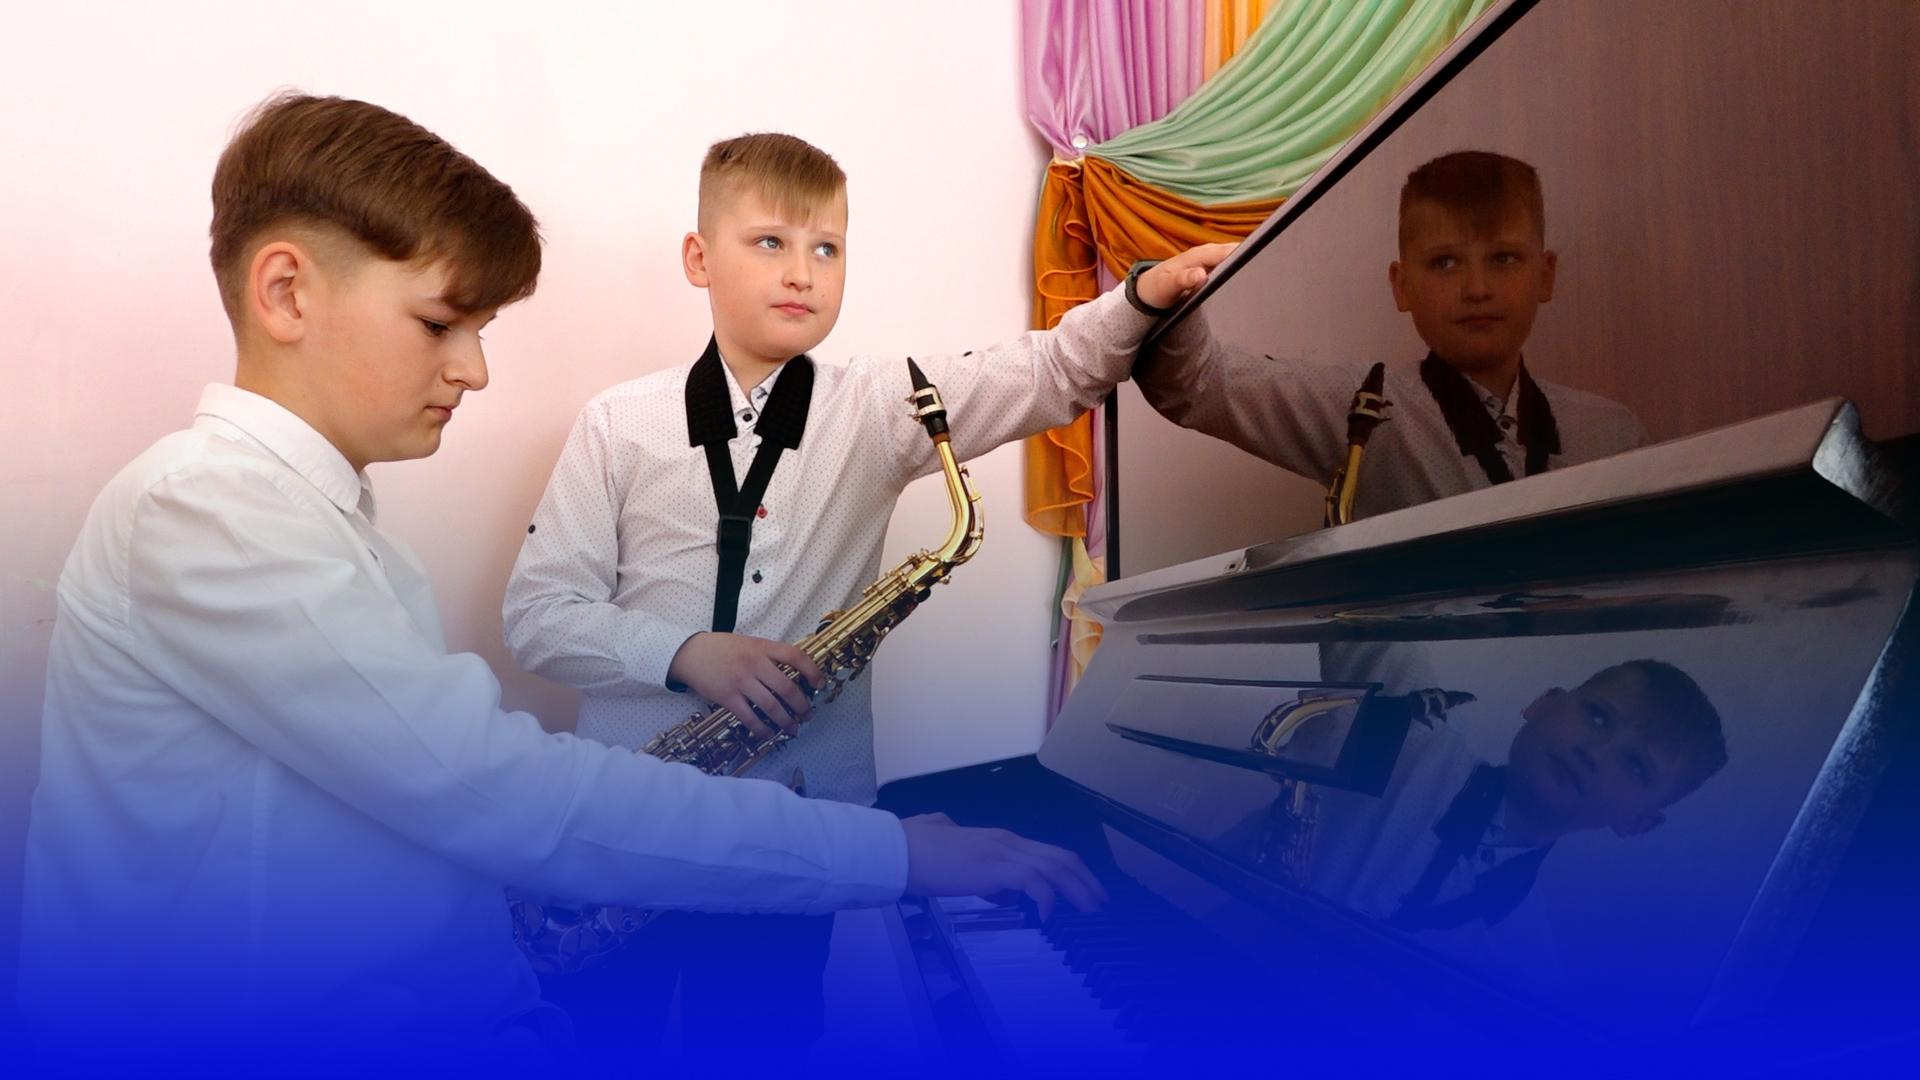 Тернопільський школяр бере участь у проєкті військового оркестру США